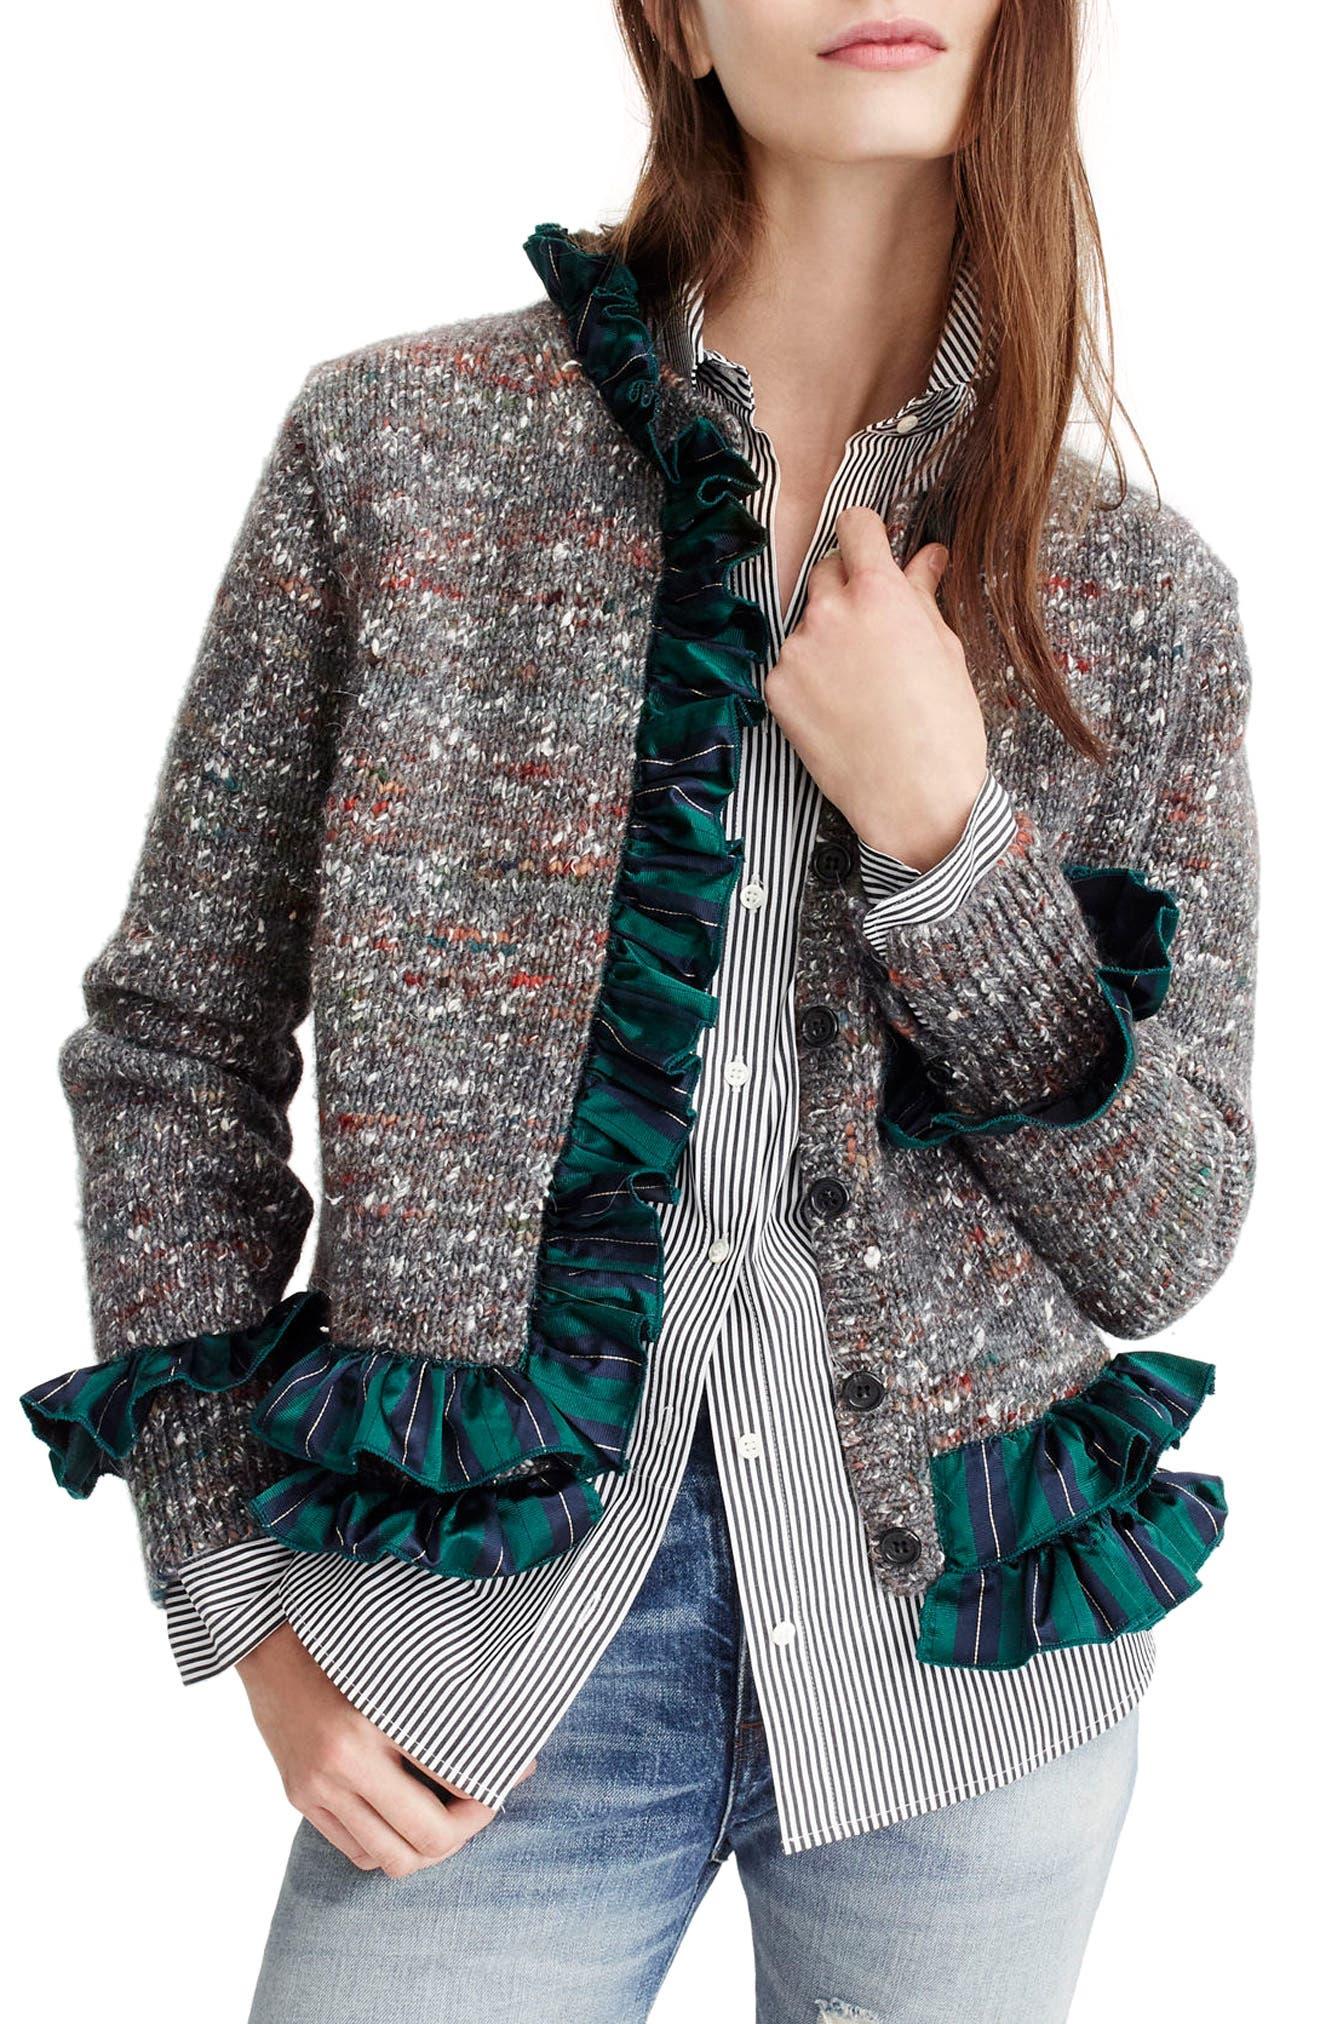 Main Image - J.Crew Sweater Lady Jacket